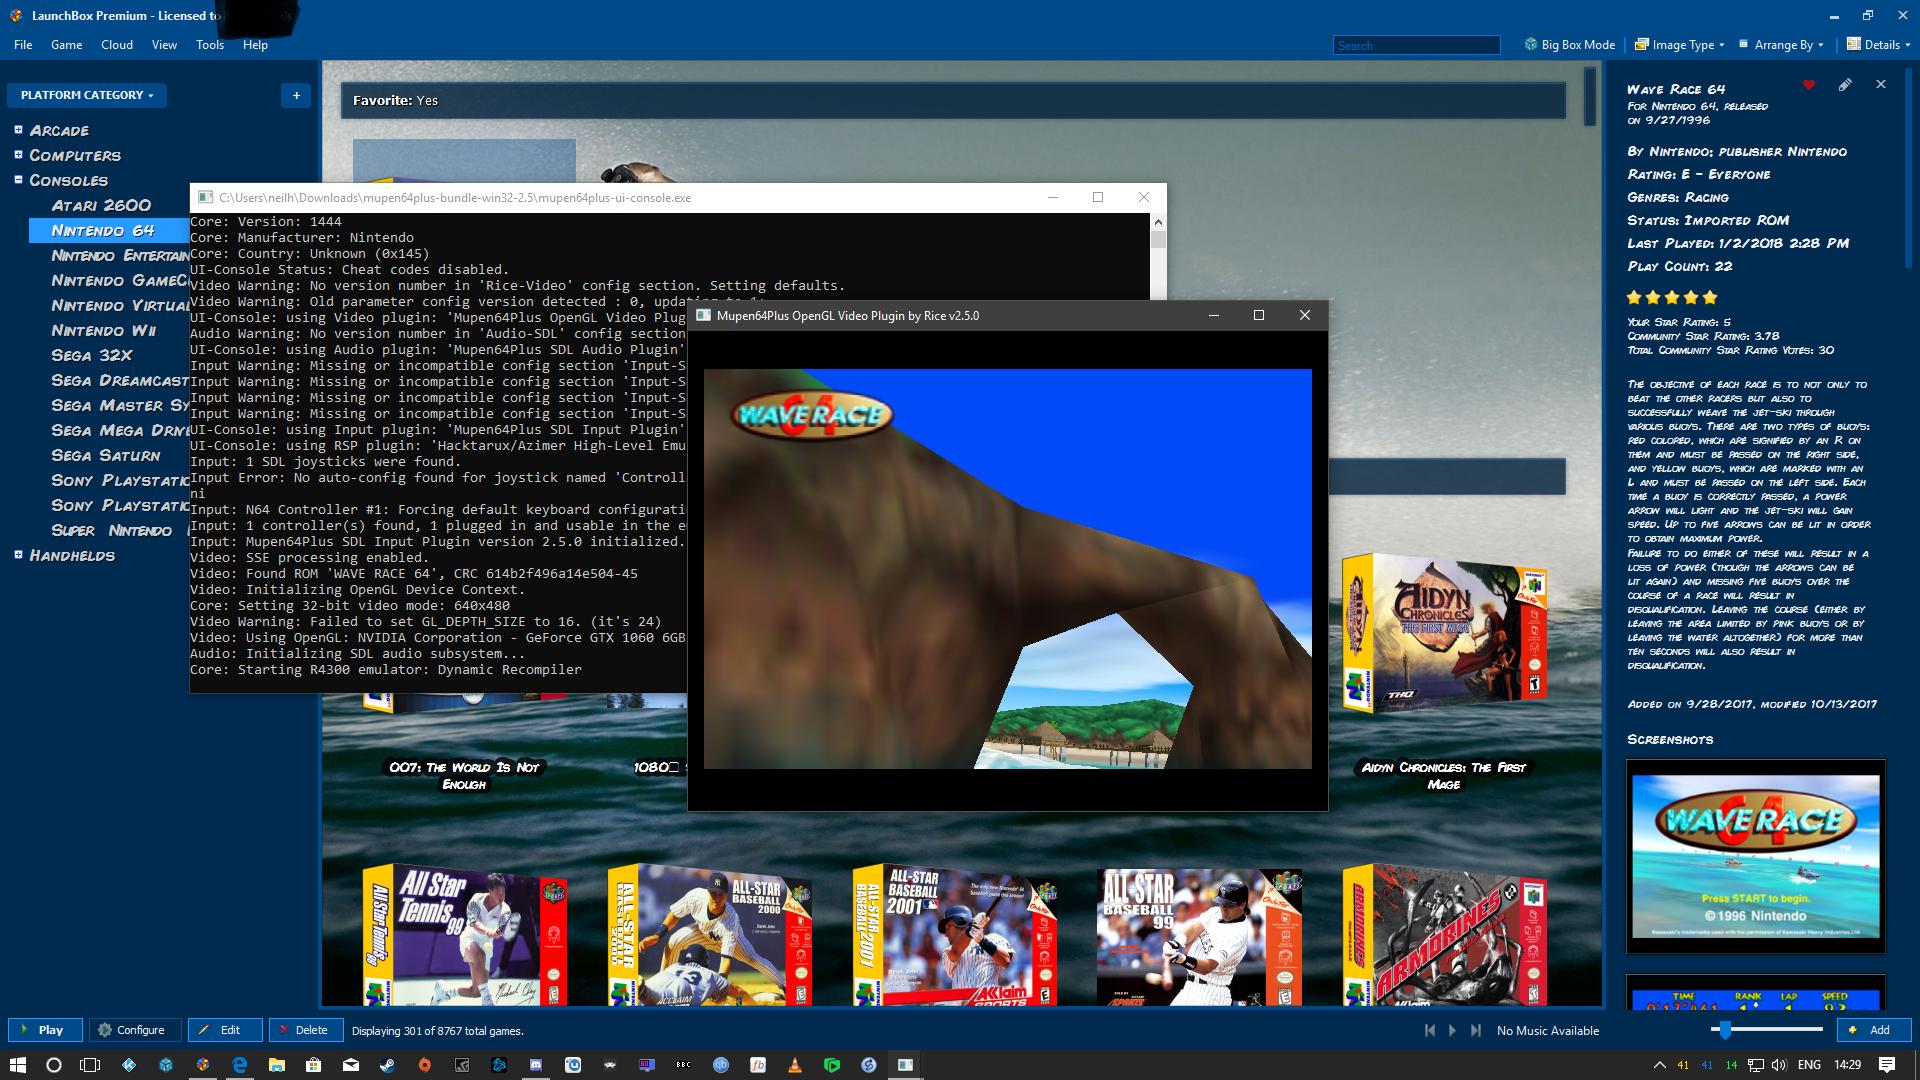 Mupen64plus Setup Tutorial (Launchbox Compatible) - Page 4